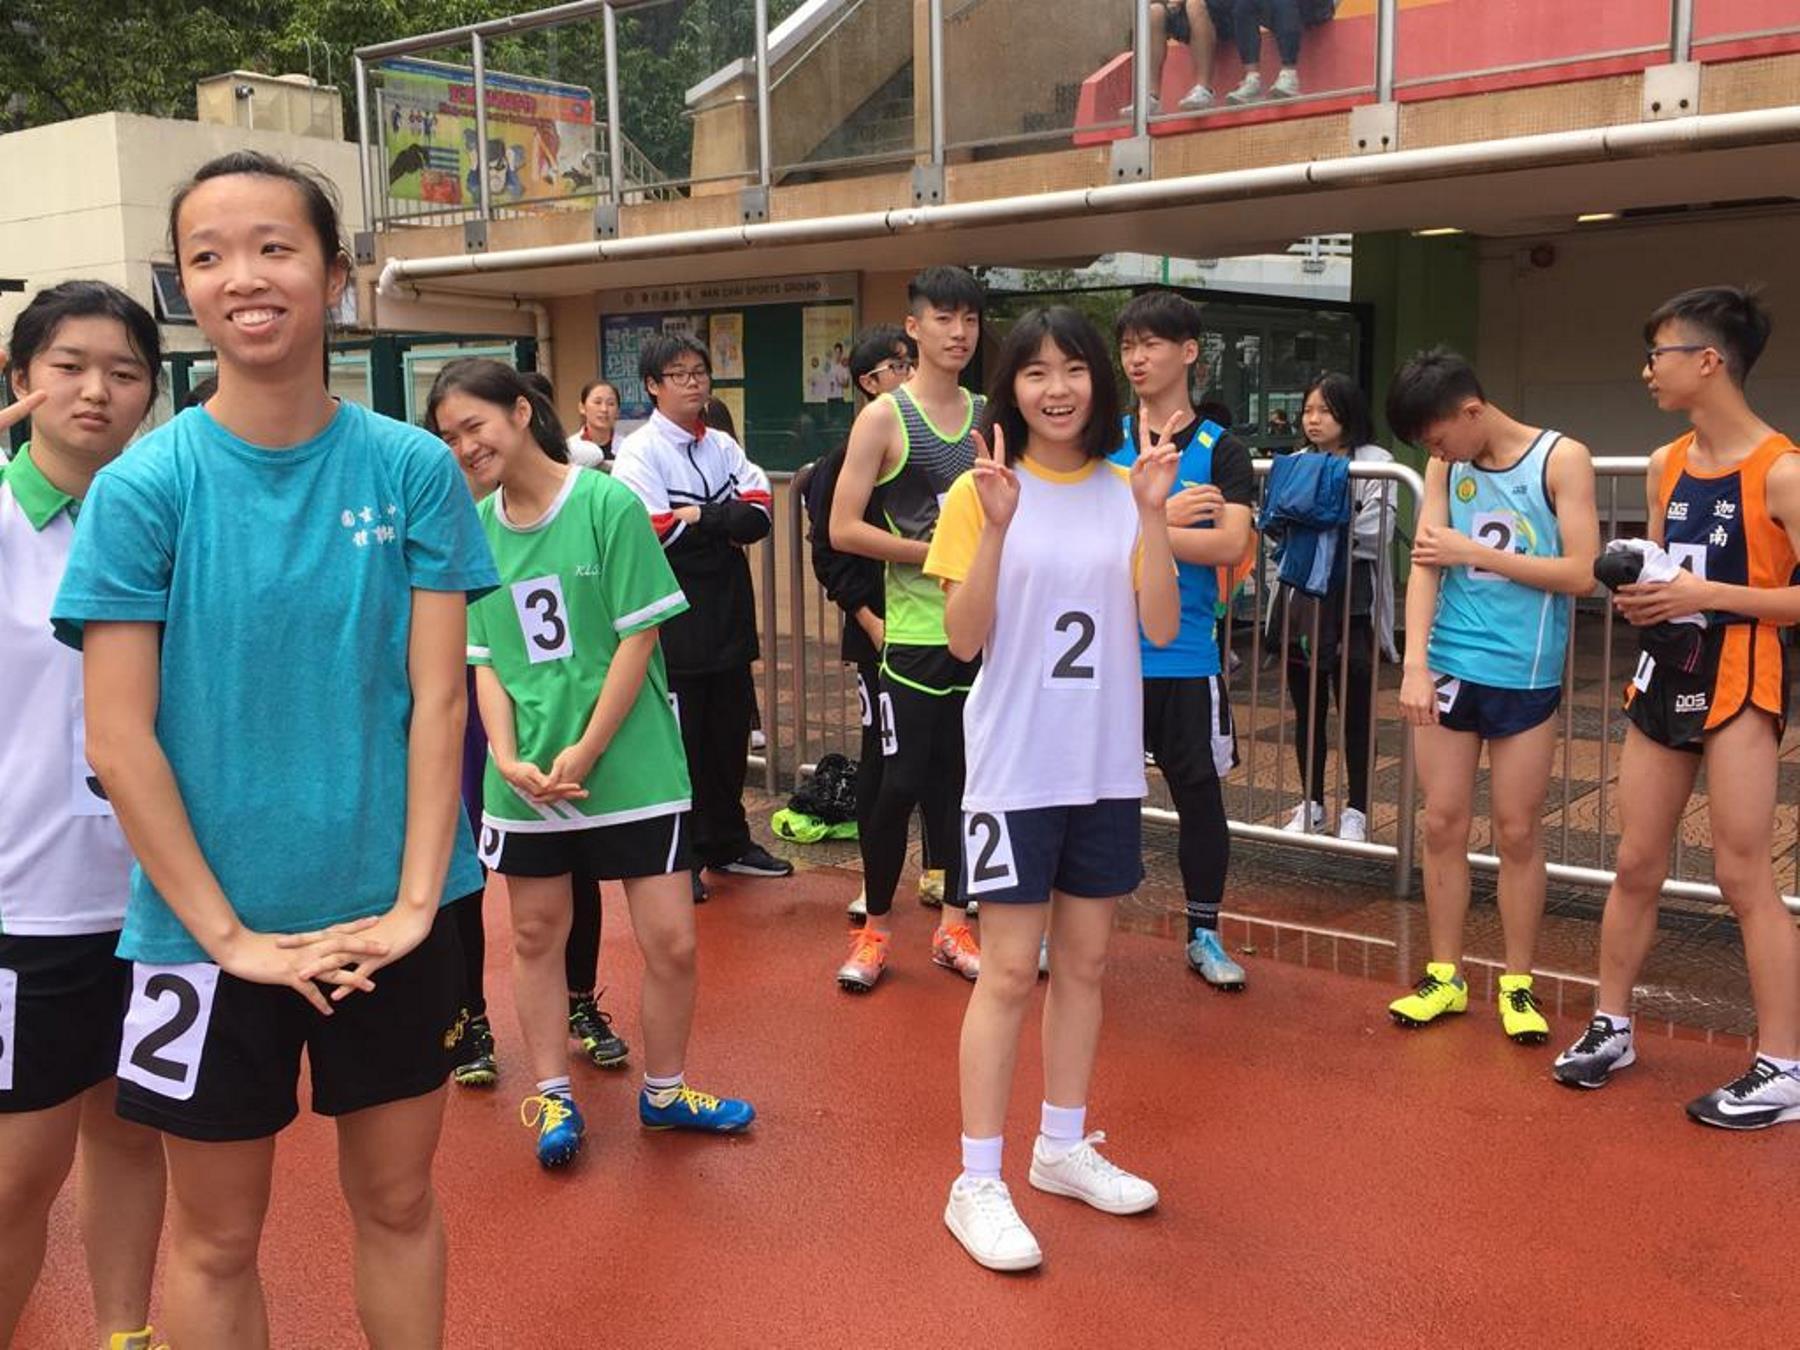 http://npc.edu.hk/sites/default/files/f509e4e3-22d8-464d-9abe-2be1c61e12f0.jpg